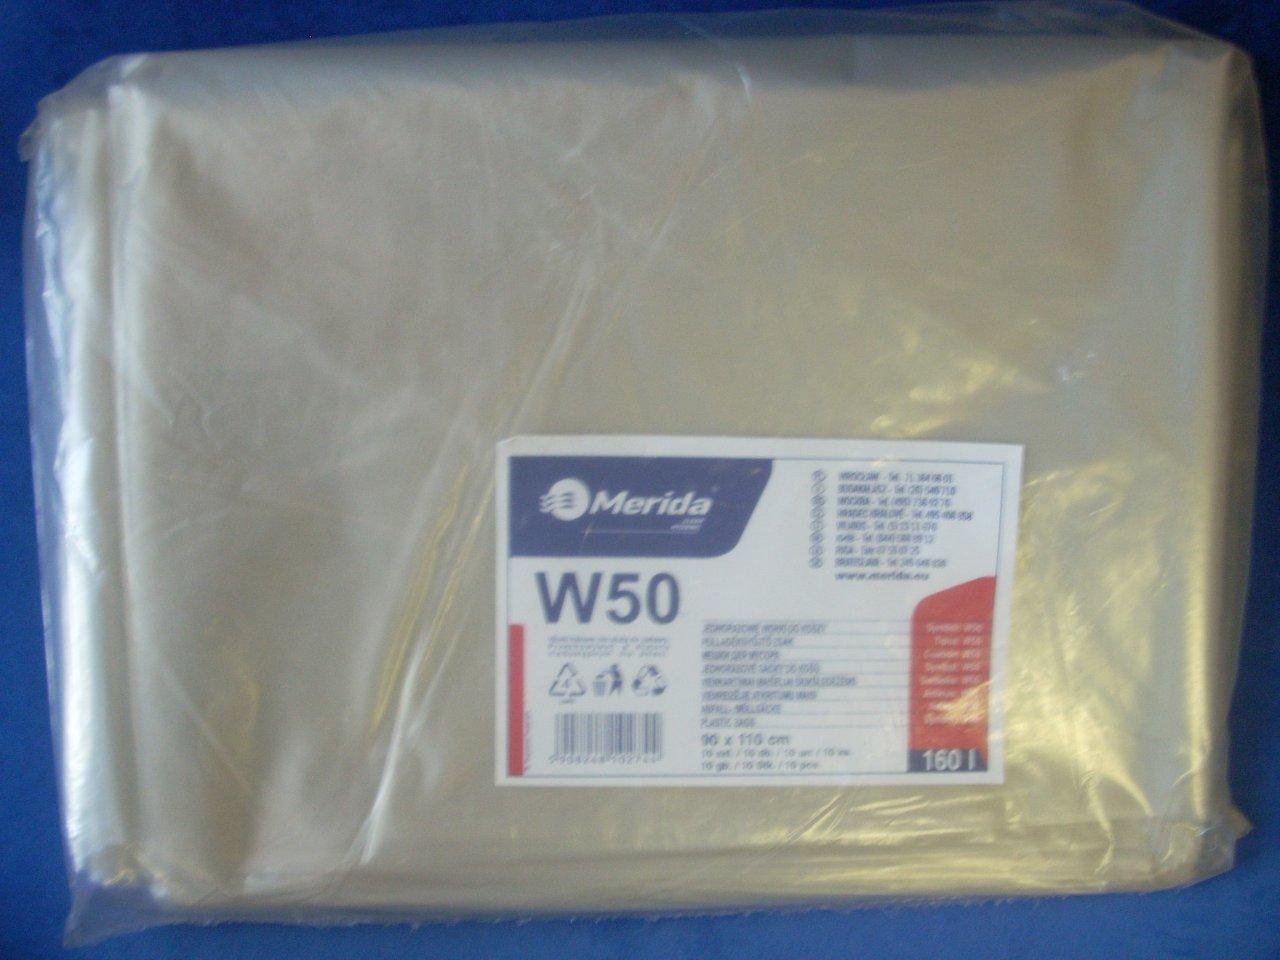 Merida Pytle na odpadky LDPE, 40 mi,90x110cm,160 l, čiré 10ks/b